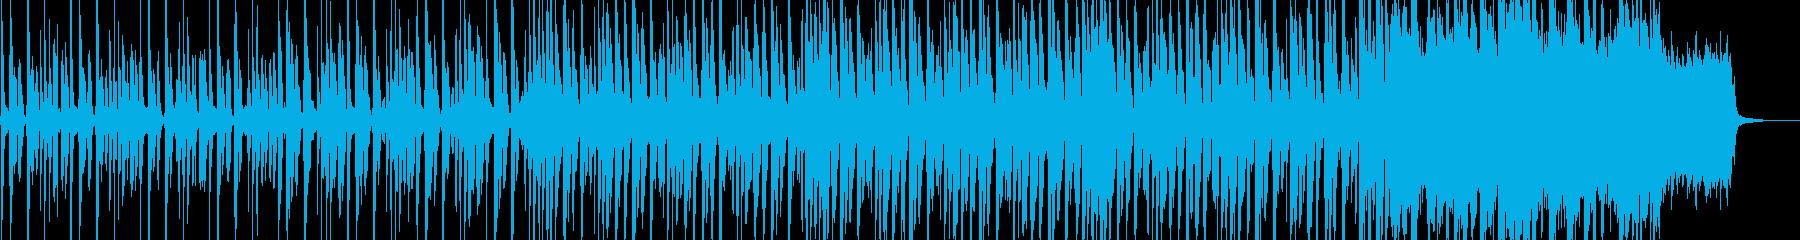 コミカルなピチカートとストリングスの曲の再生済みの波形